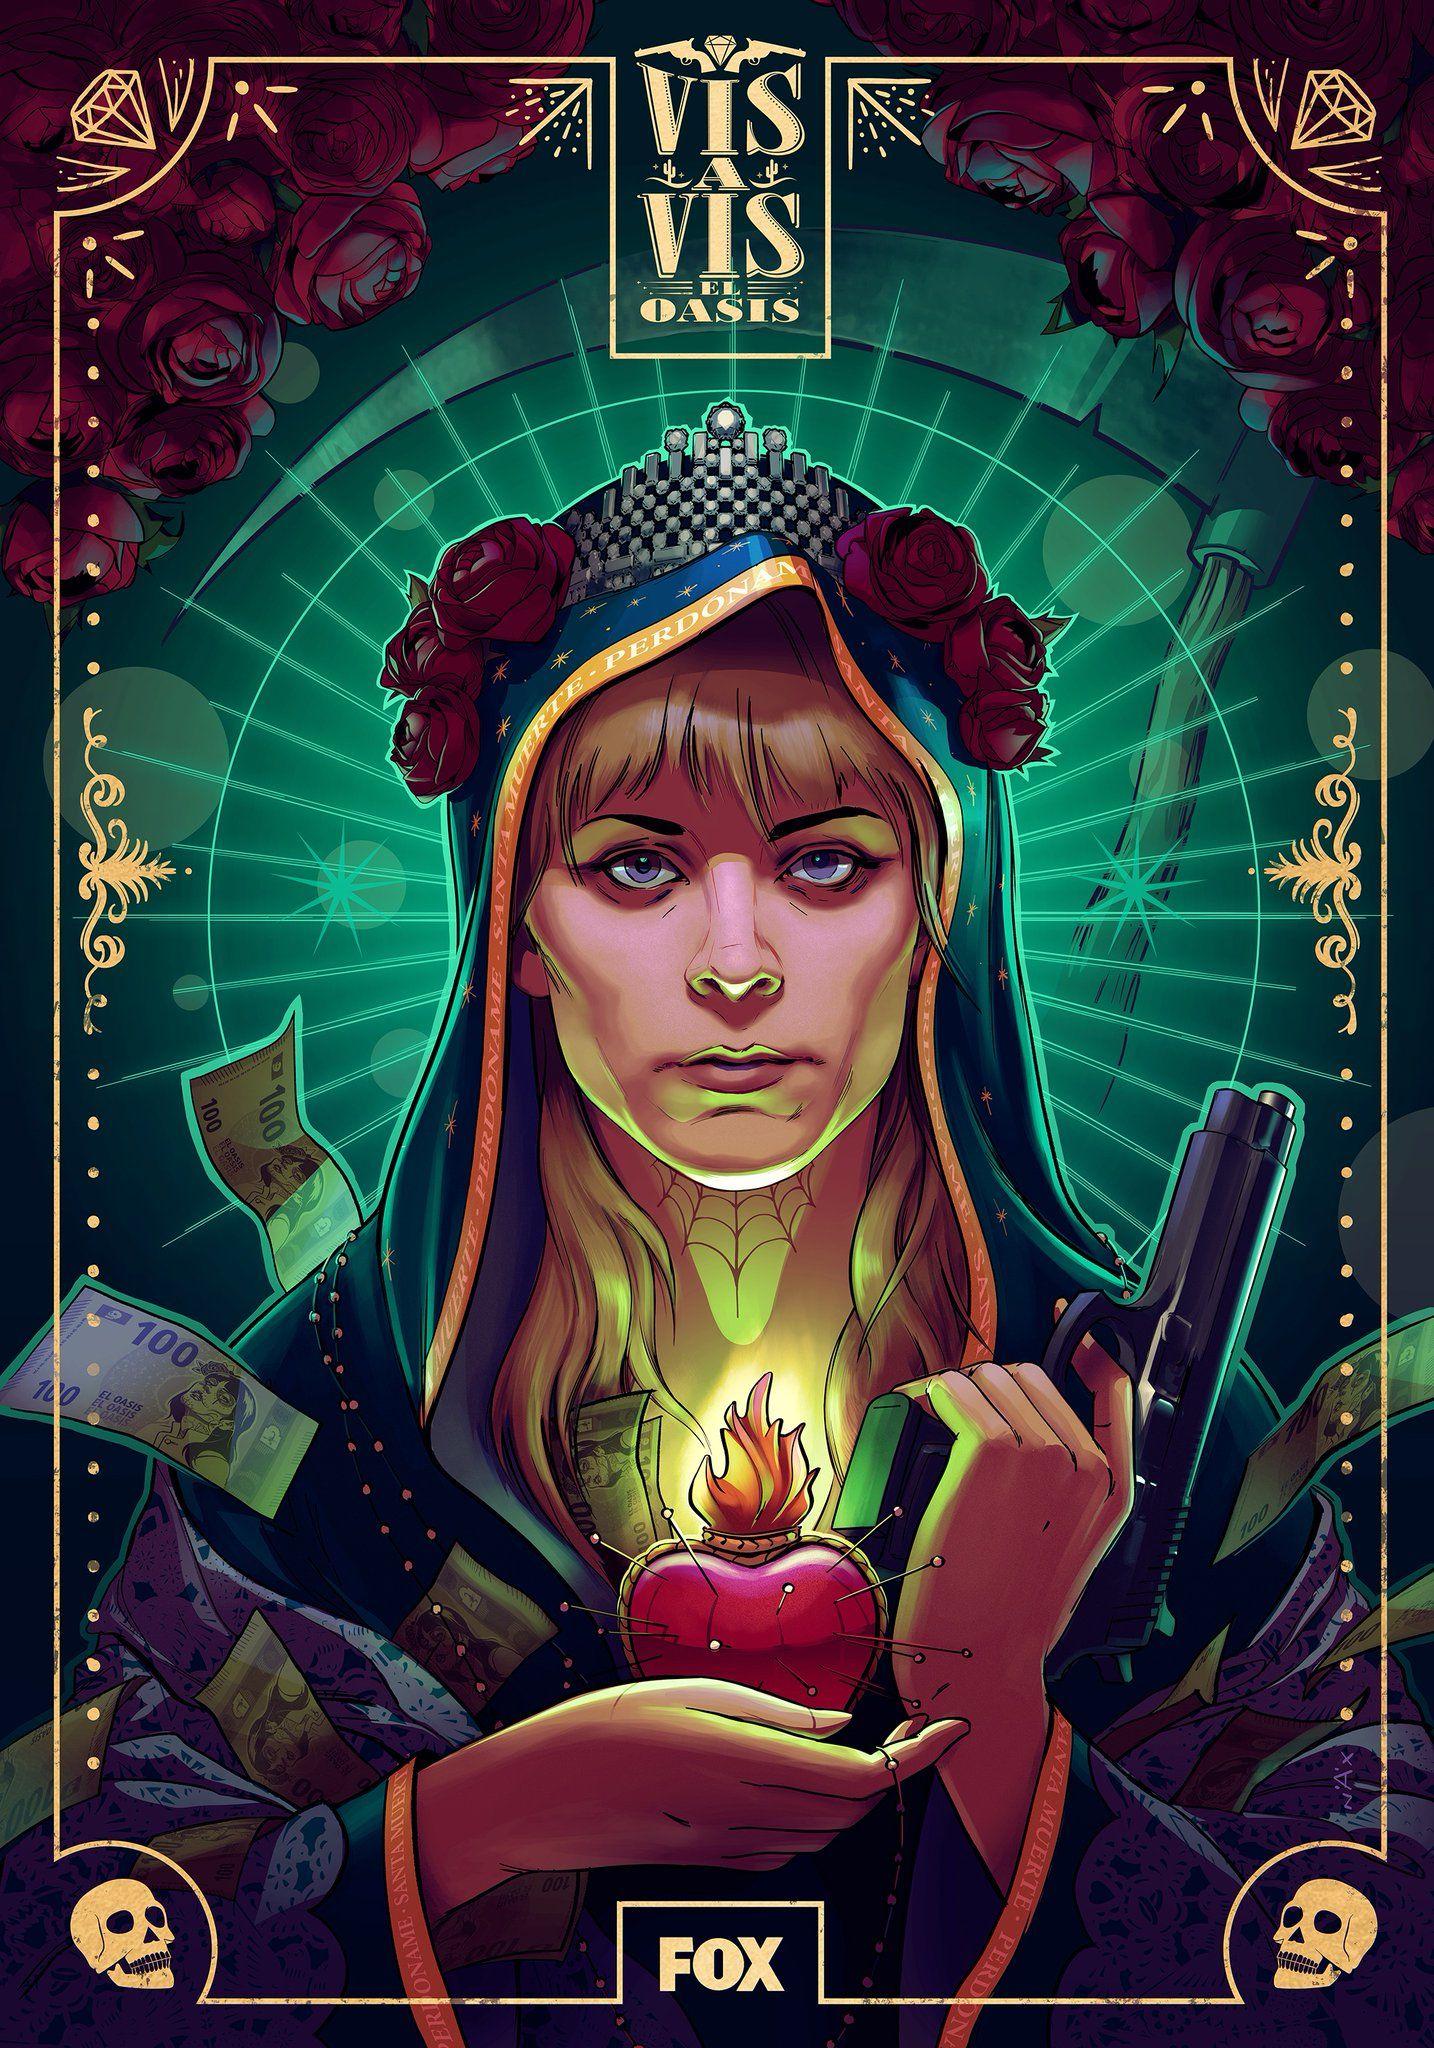 Poster Vis A Vis El Oasis Peliculas De Terror Fondos De Pantalla De Peliculas Series De Netflix